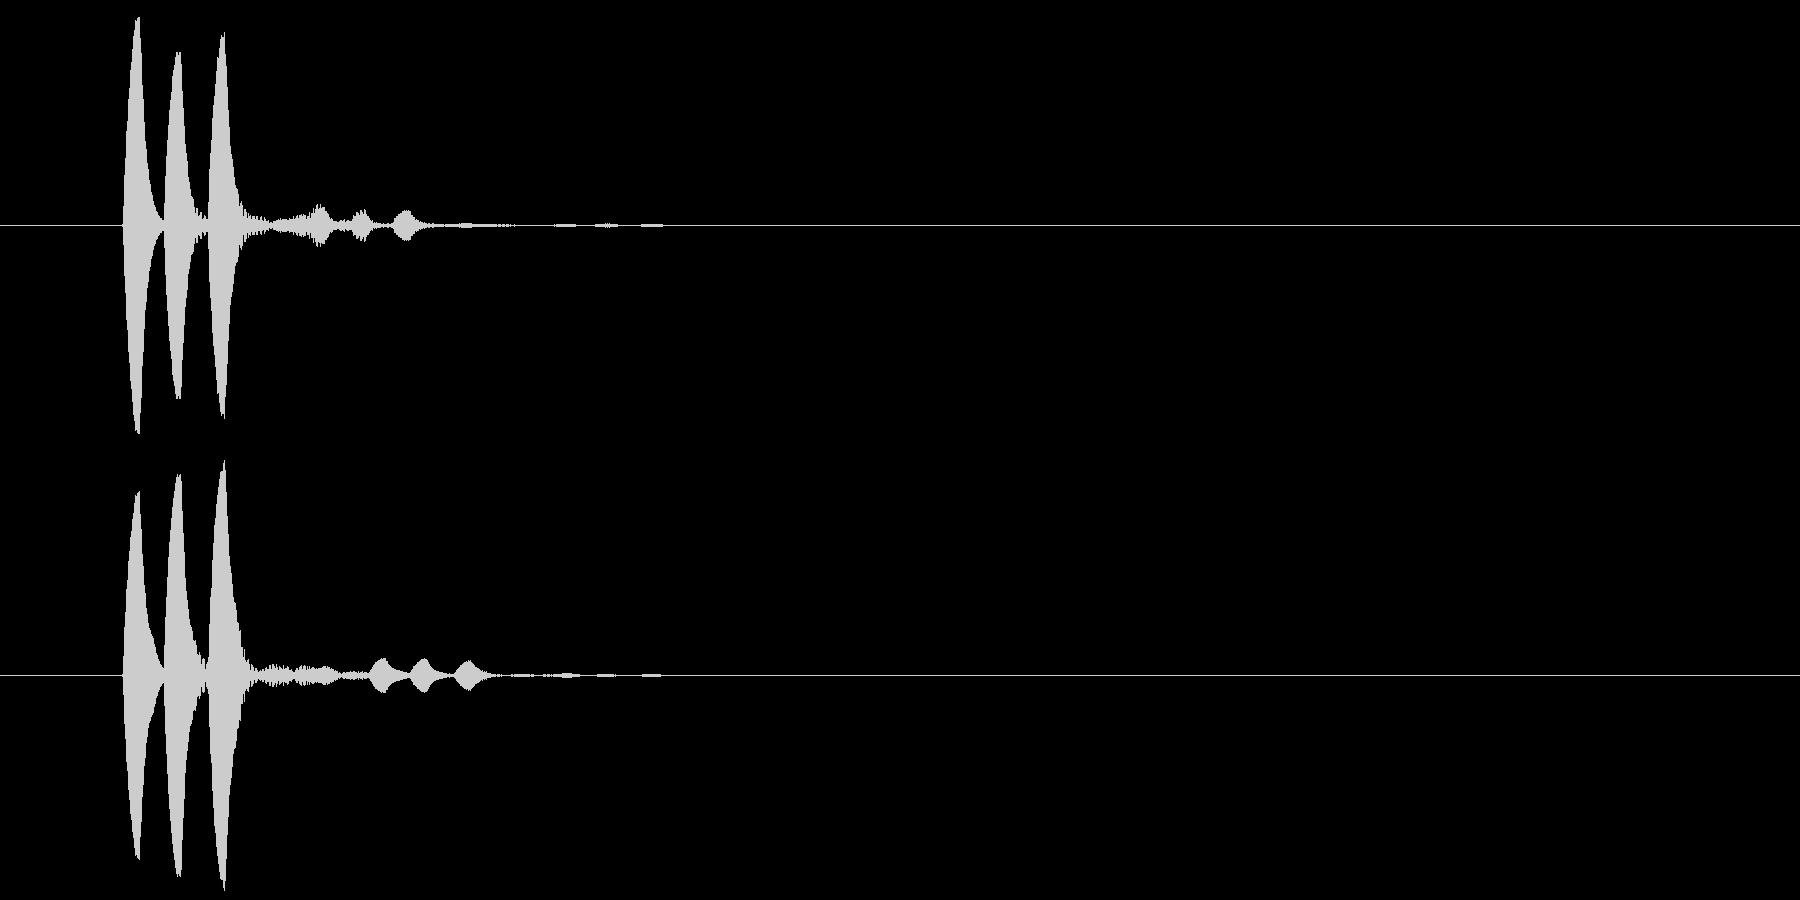 ポポポ(お知らせ・ヒント・アイテム使用)の未再生の波形